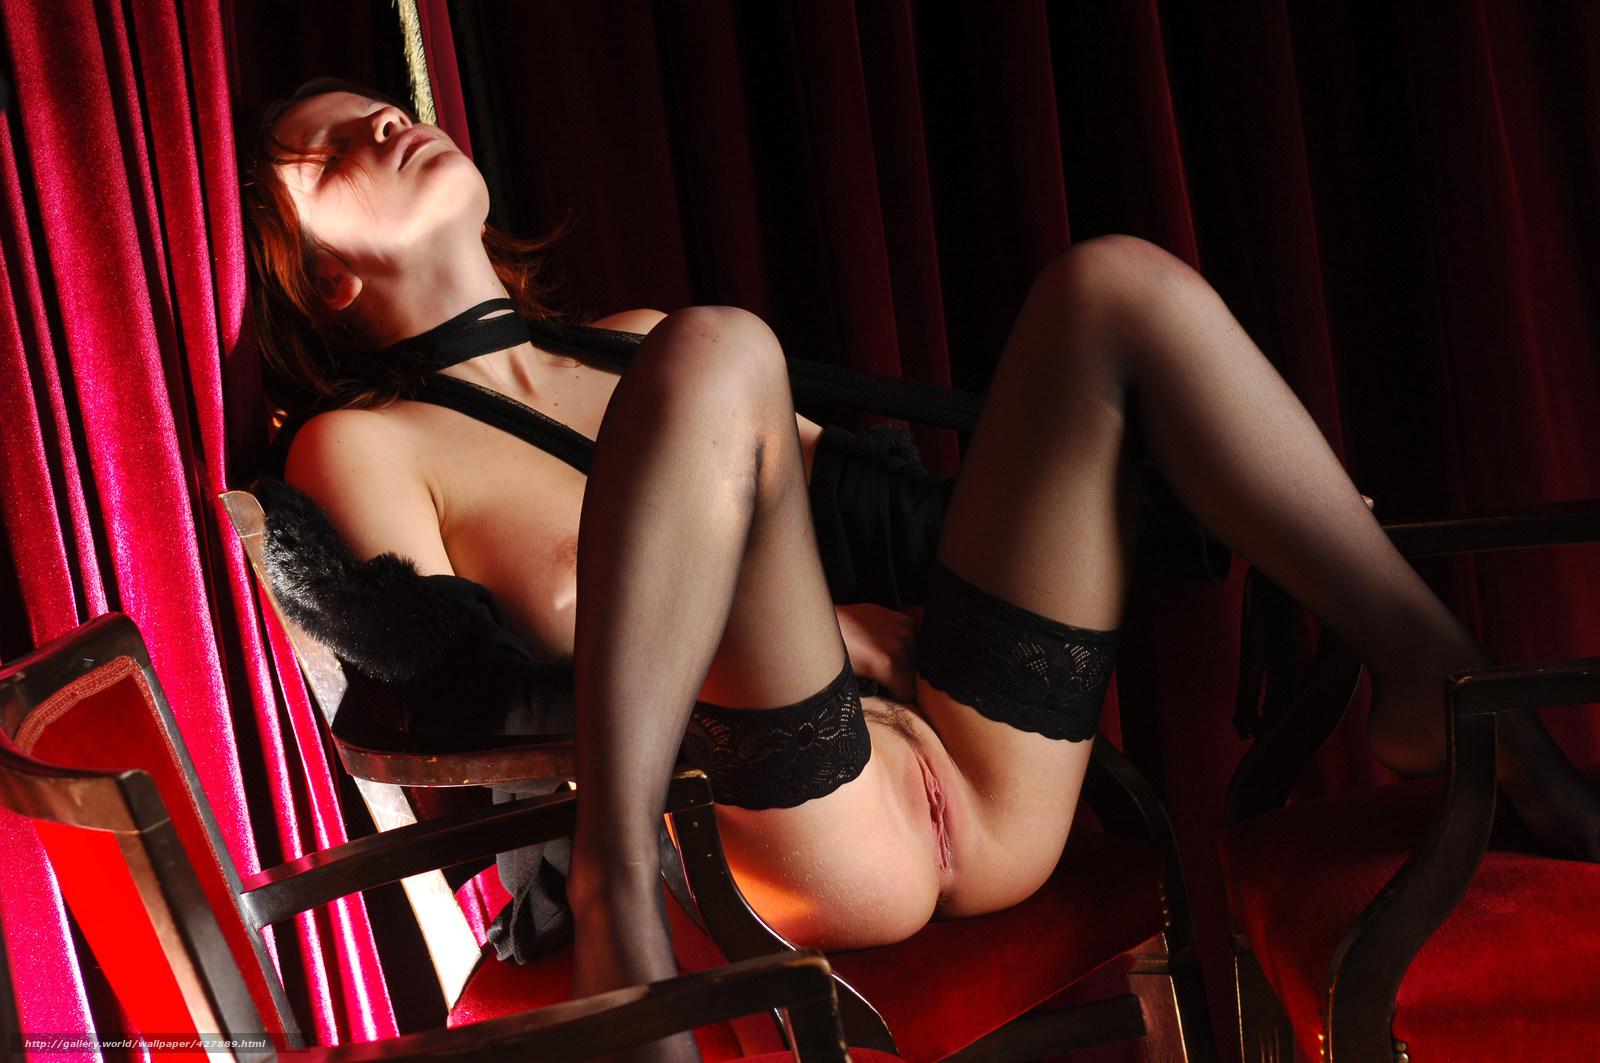 Секс рабыни стриптиз онлайн 7 фотография